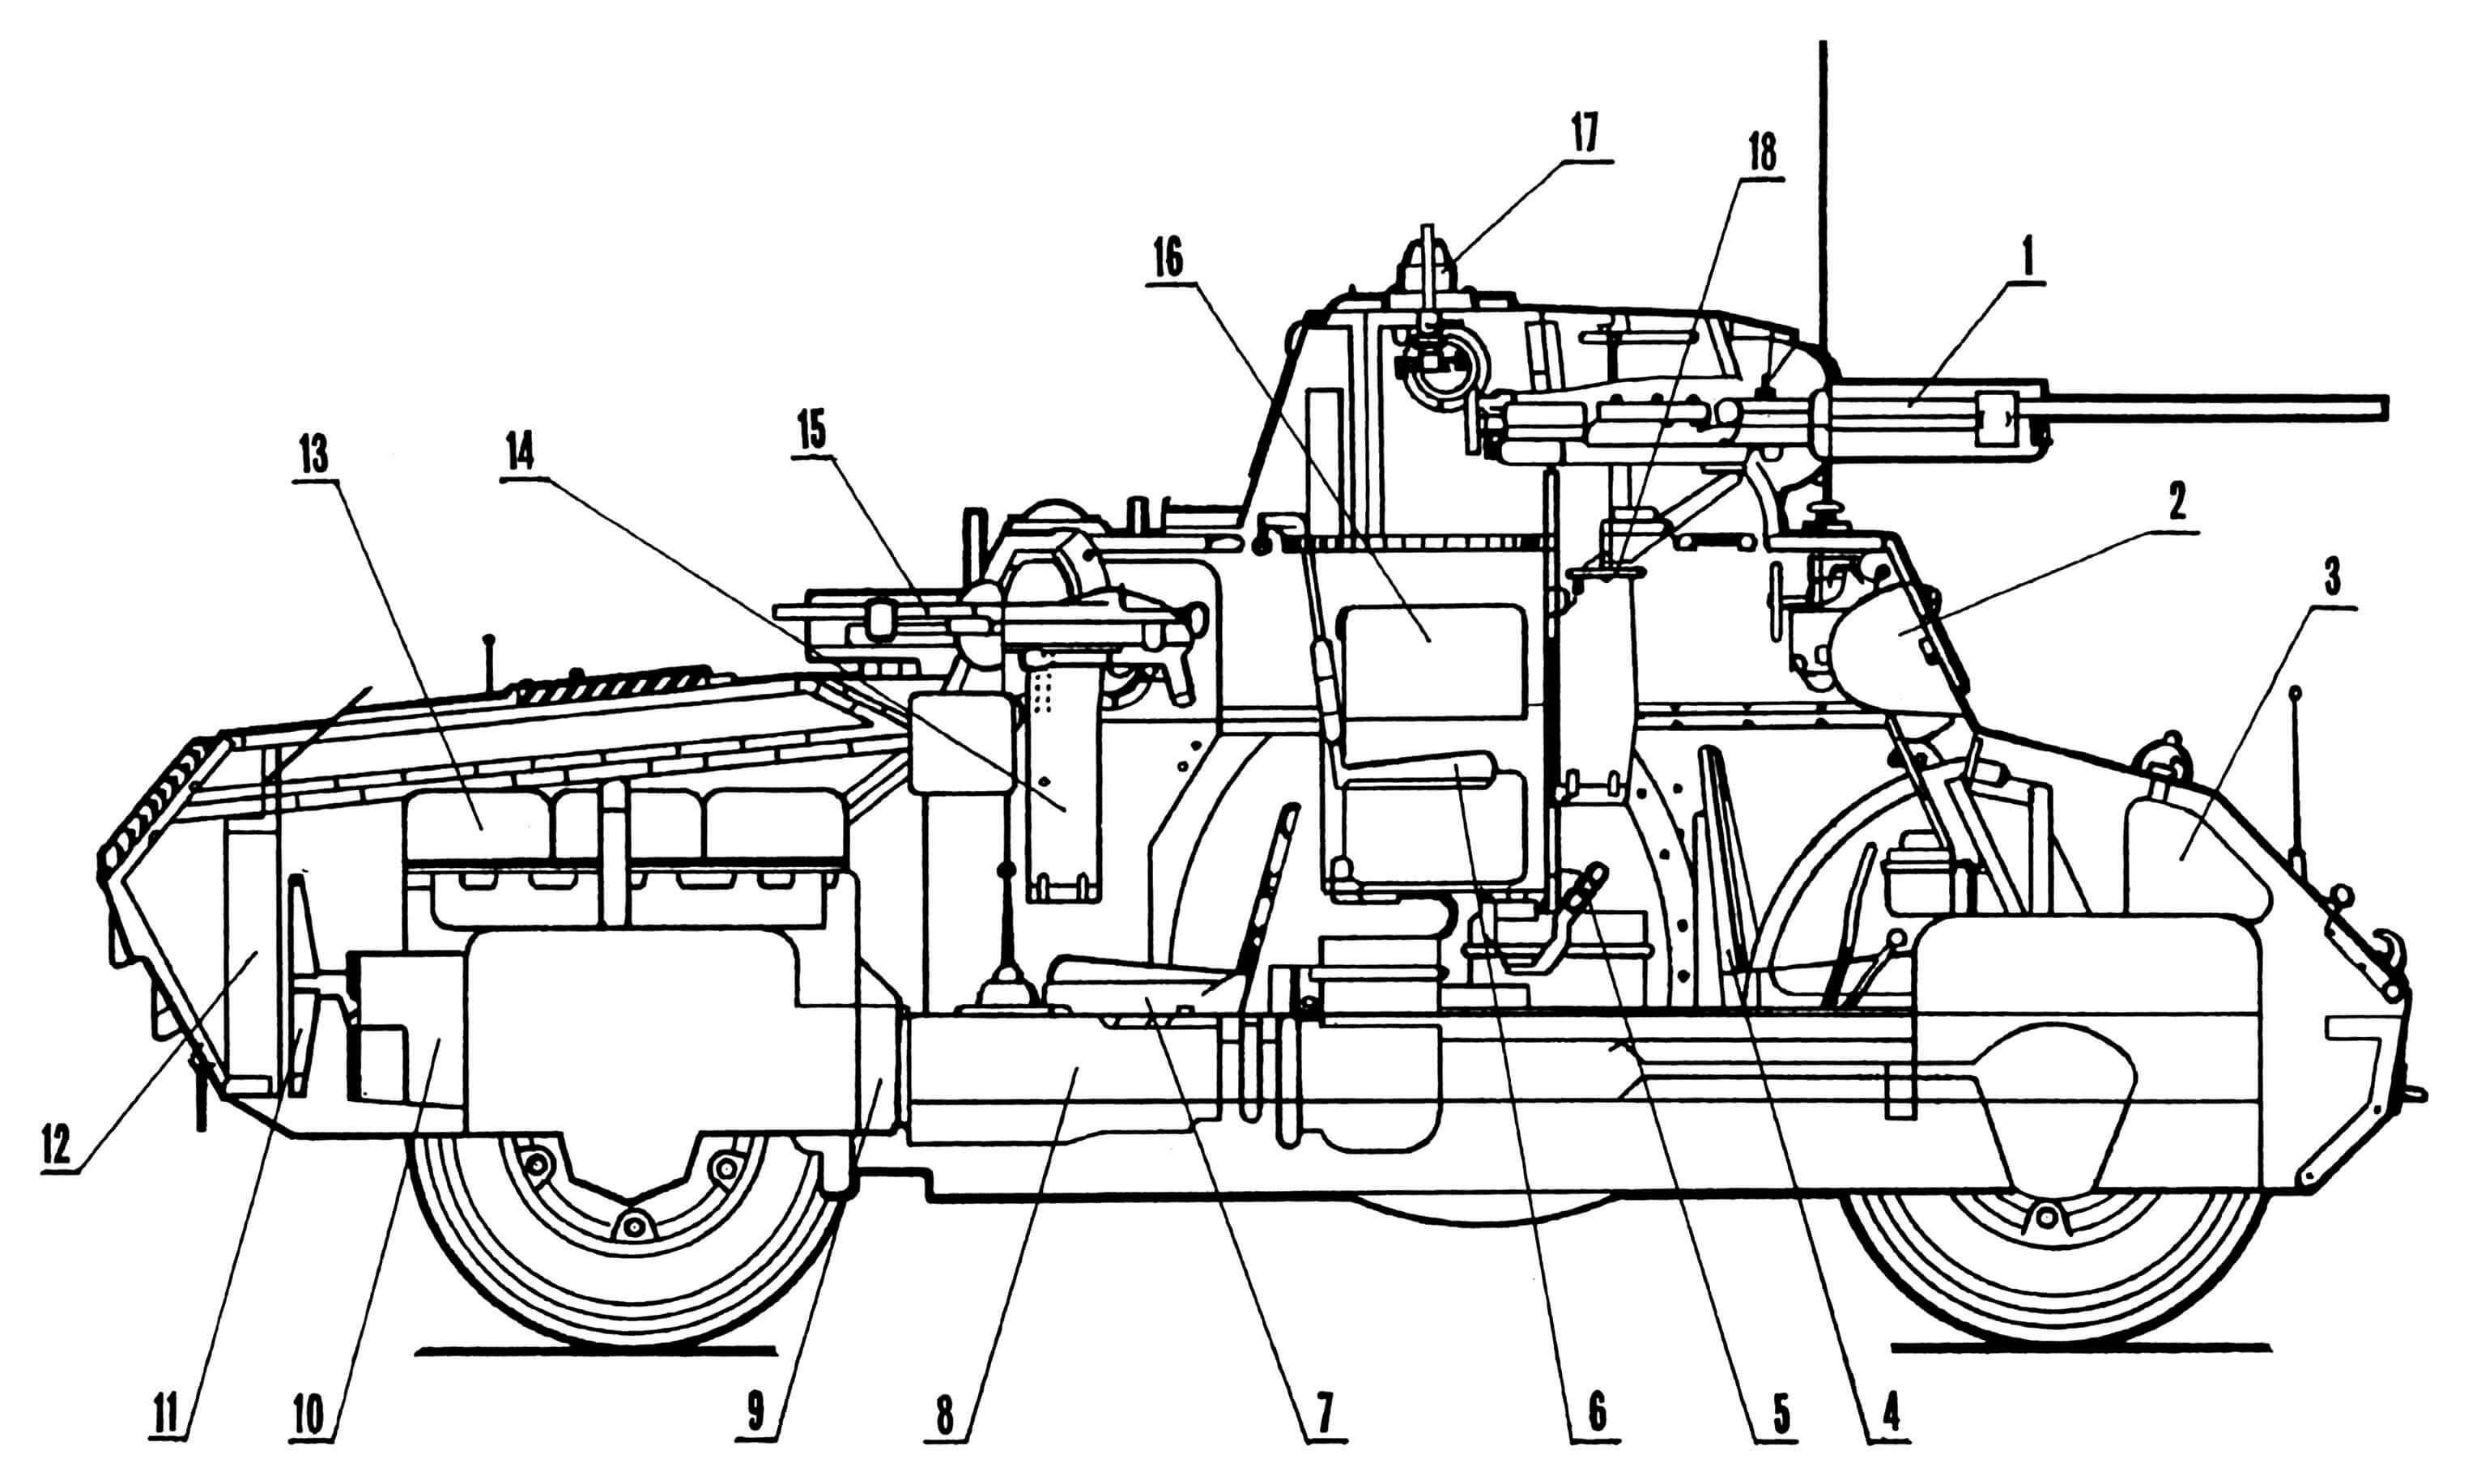 Компоновка бронеавтомобиля АВ 41: 1 — 20-мм пушка Breda 35; 2 — кожух фары; 3 — бак топливный передний; 4 — сиденье механика-водителя; 5 — педаль спуска; 6 — сиденье командира; 7 — сиденье второго механика-водителя; 8 — коробка передач; 9 — фрикцион главный; 10 — генератор; 11 — вентилятор; 12 — радиатор; 13 — двигатель; 14 — гильзосборник; 15 — 8-мм пулемет Breda 38; 16 — радиостанция; 17 — перископ; 18 — механизм поворота башни.